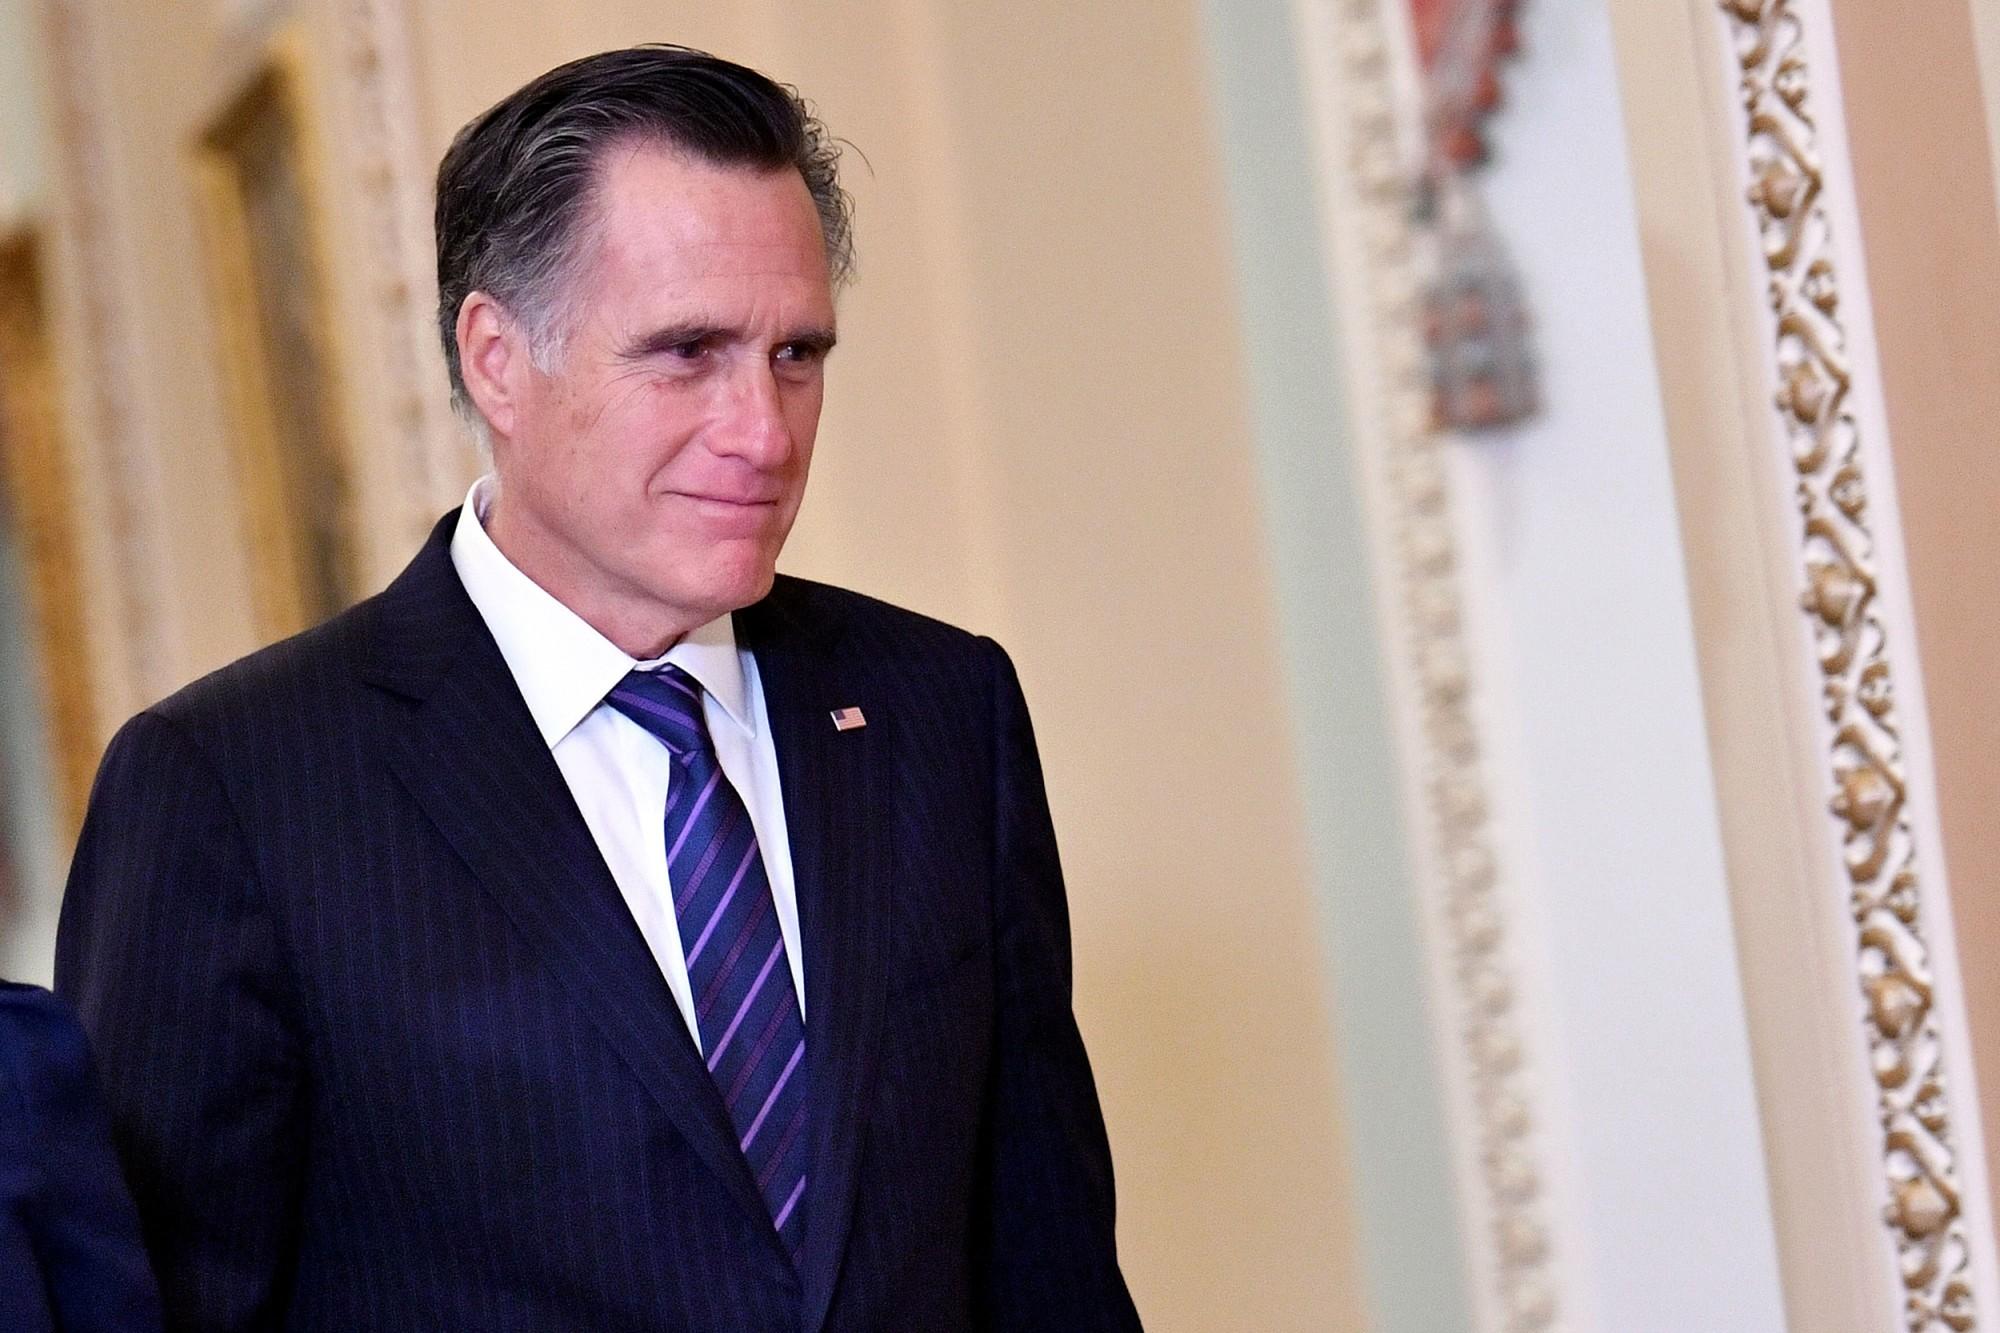 https://media4.s-nbcnews.com/j/newscms/2020_06/3217706/200205-mitt-romney-al-1421_abf91023e932cd9058227d2d98f8f2c8.fit-2000w.jpg